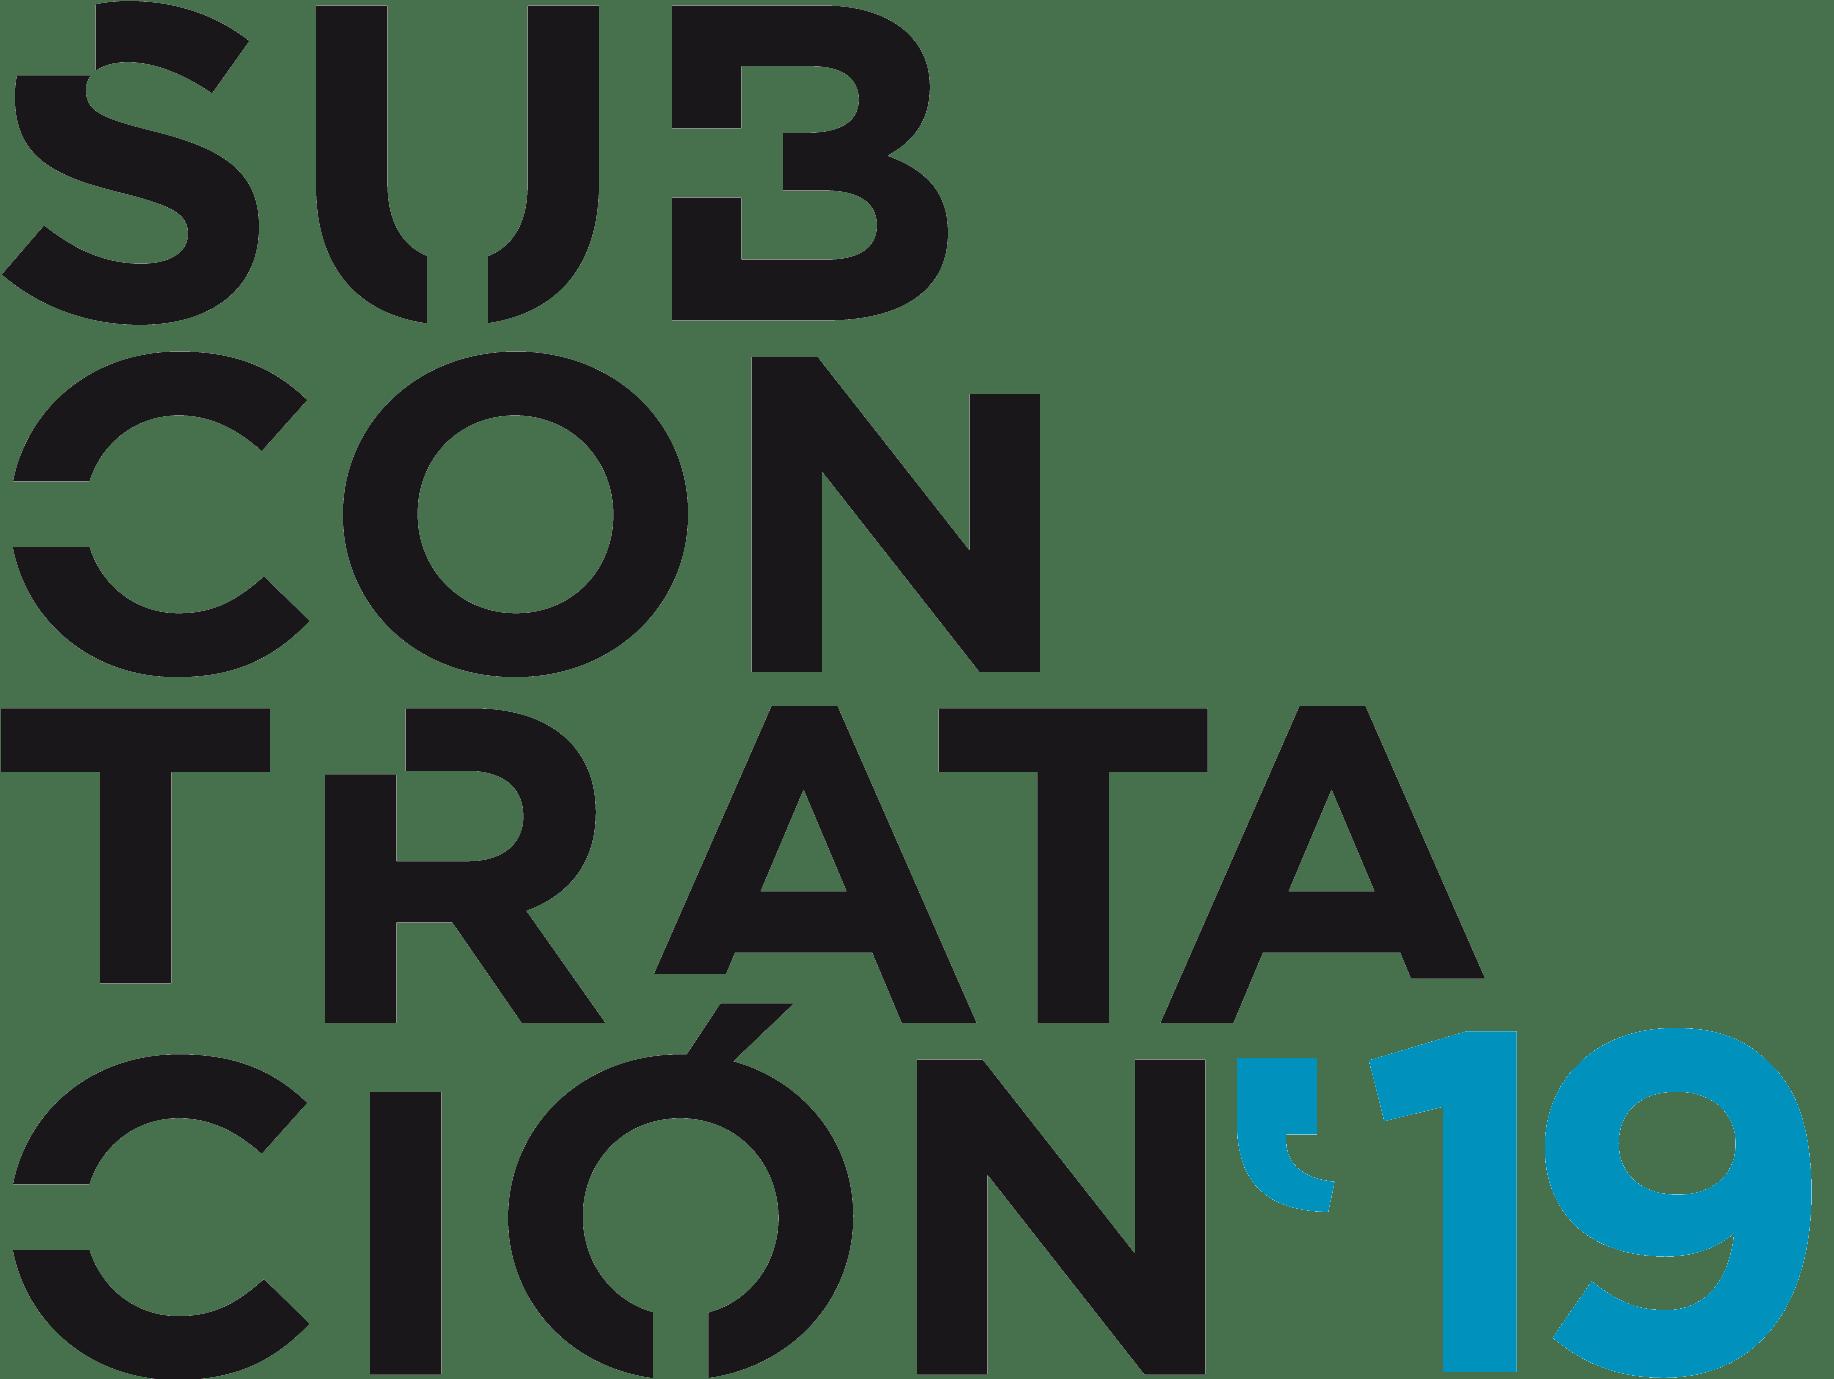 Simulaciones y Proyectos presente en Subcontratacion 2019